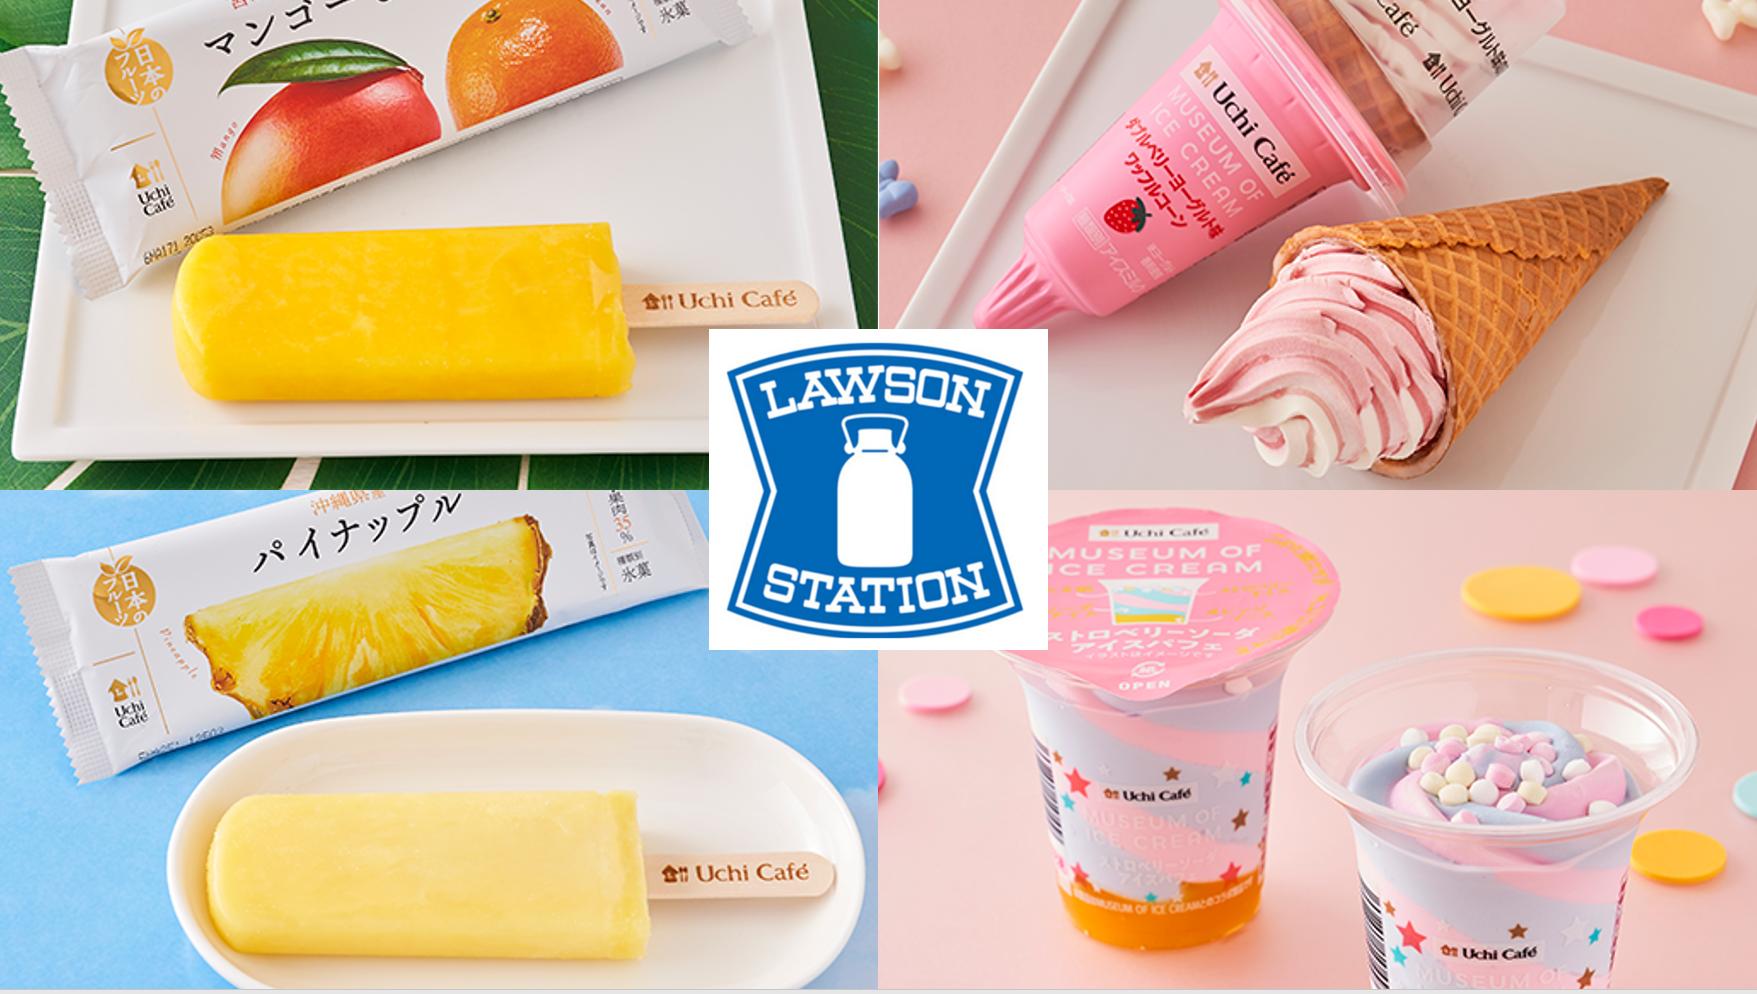 【8月3日最新】ローソン新作アイス特集!ウチカフェの定番バニラアイスから噂のピスタチオまで紹介します!